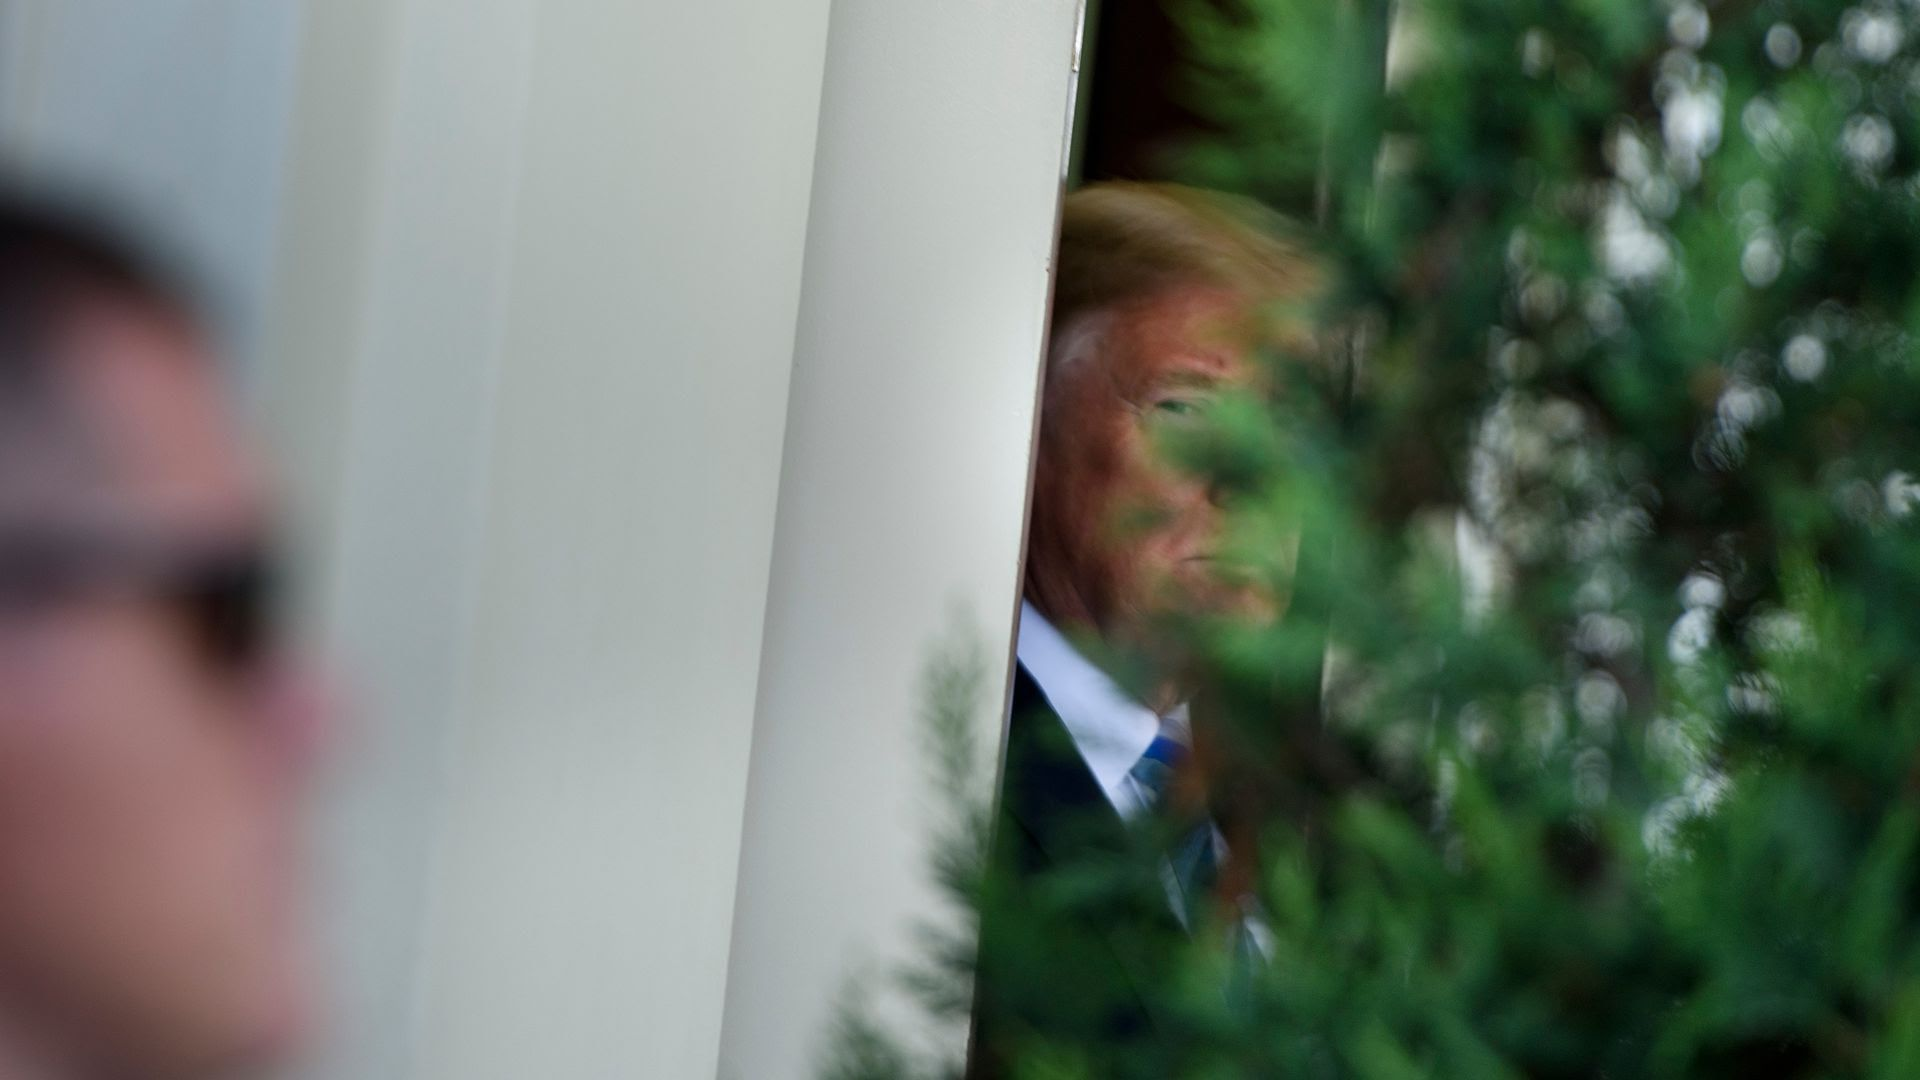 Trump lurks behind a bush at the White House